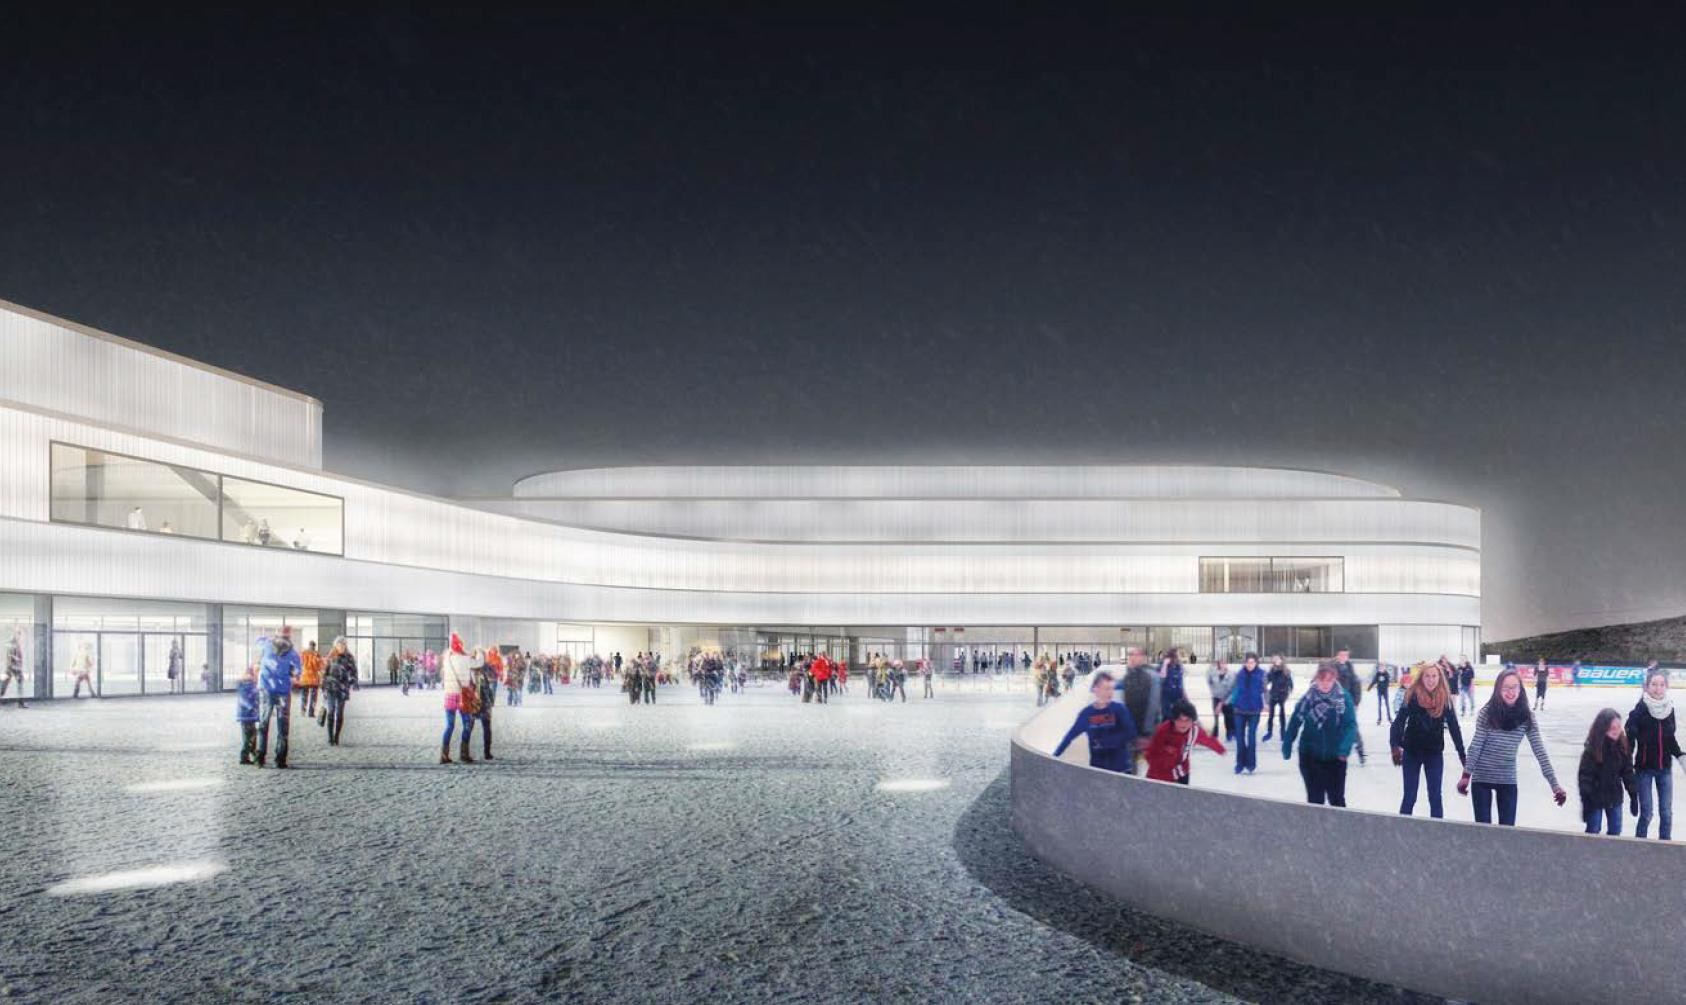 Nouveau centre sportif de Malley, PONT12 ARCHITECTES, H2O